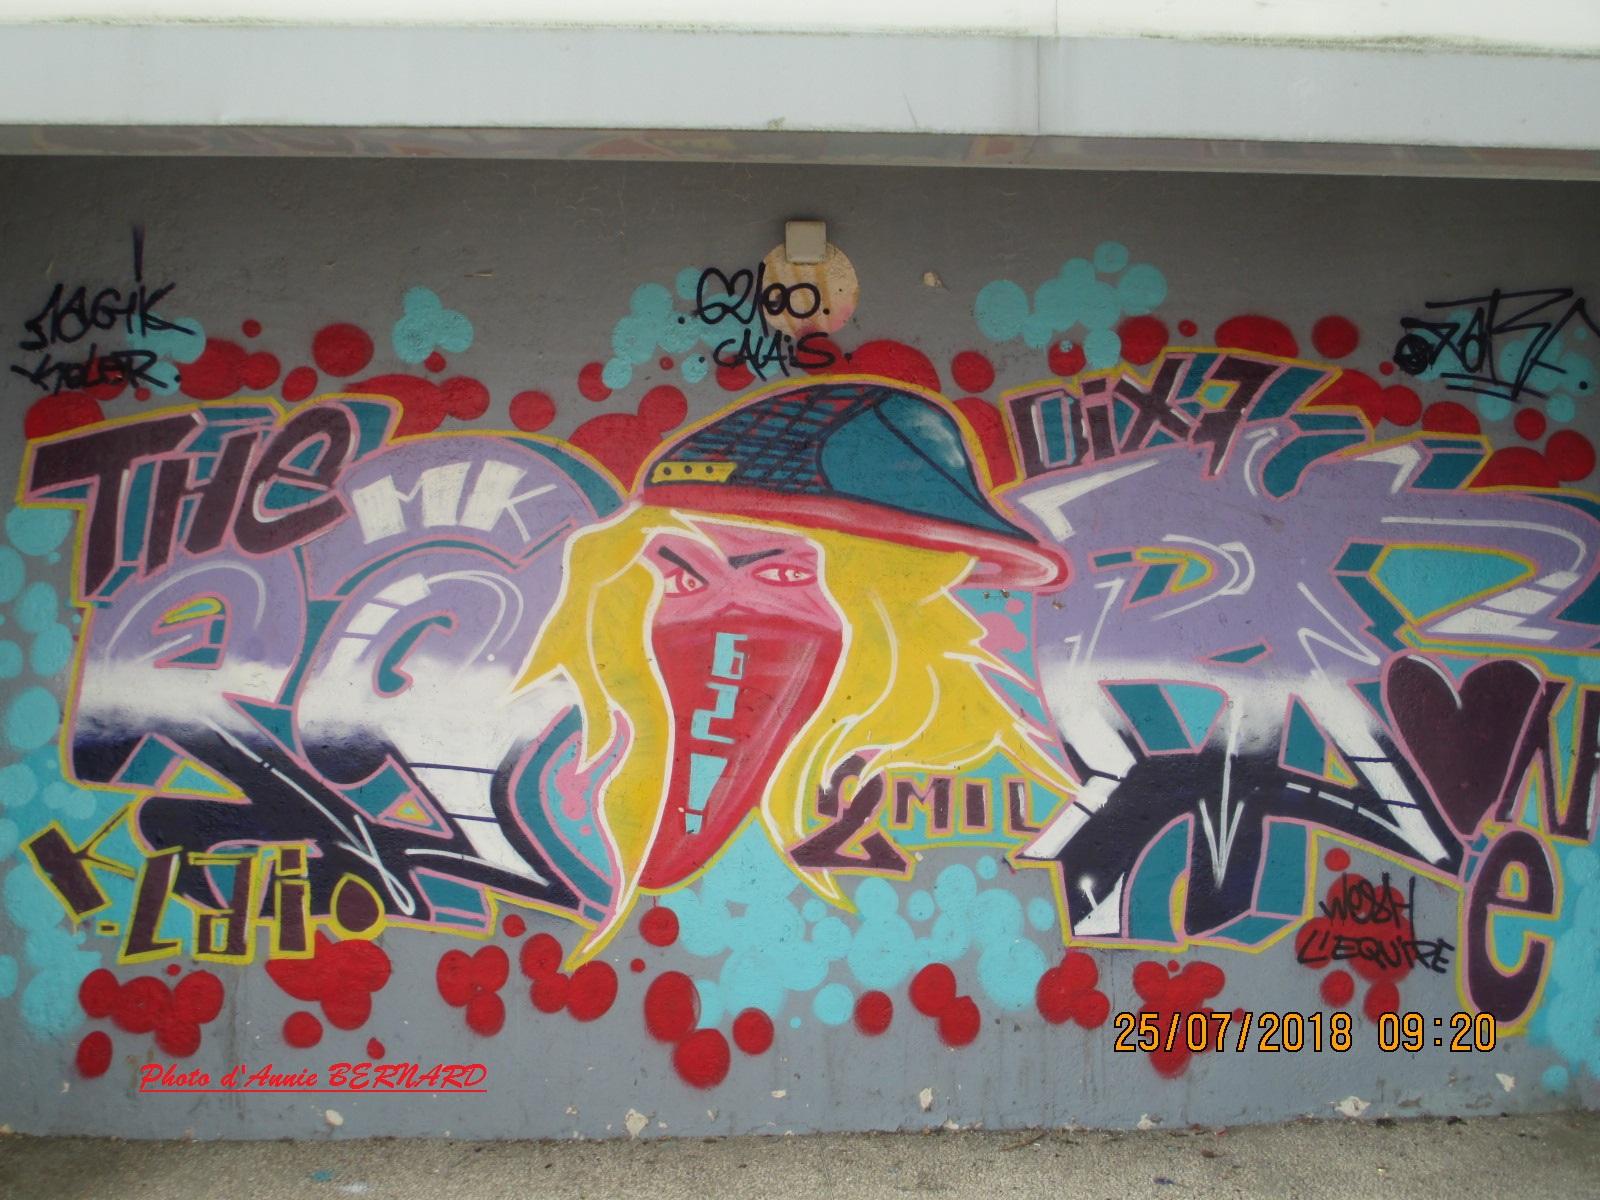 Représentation urbaine colorée